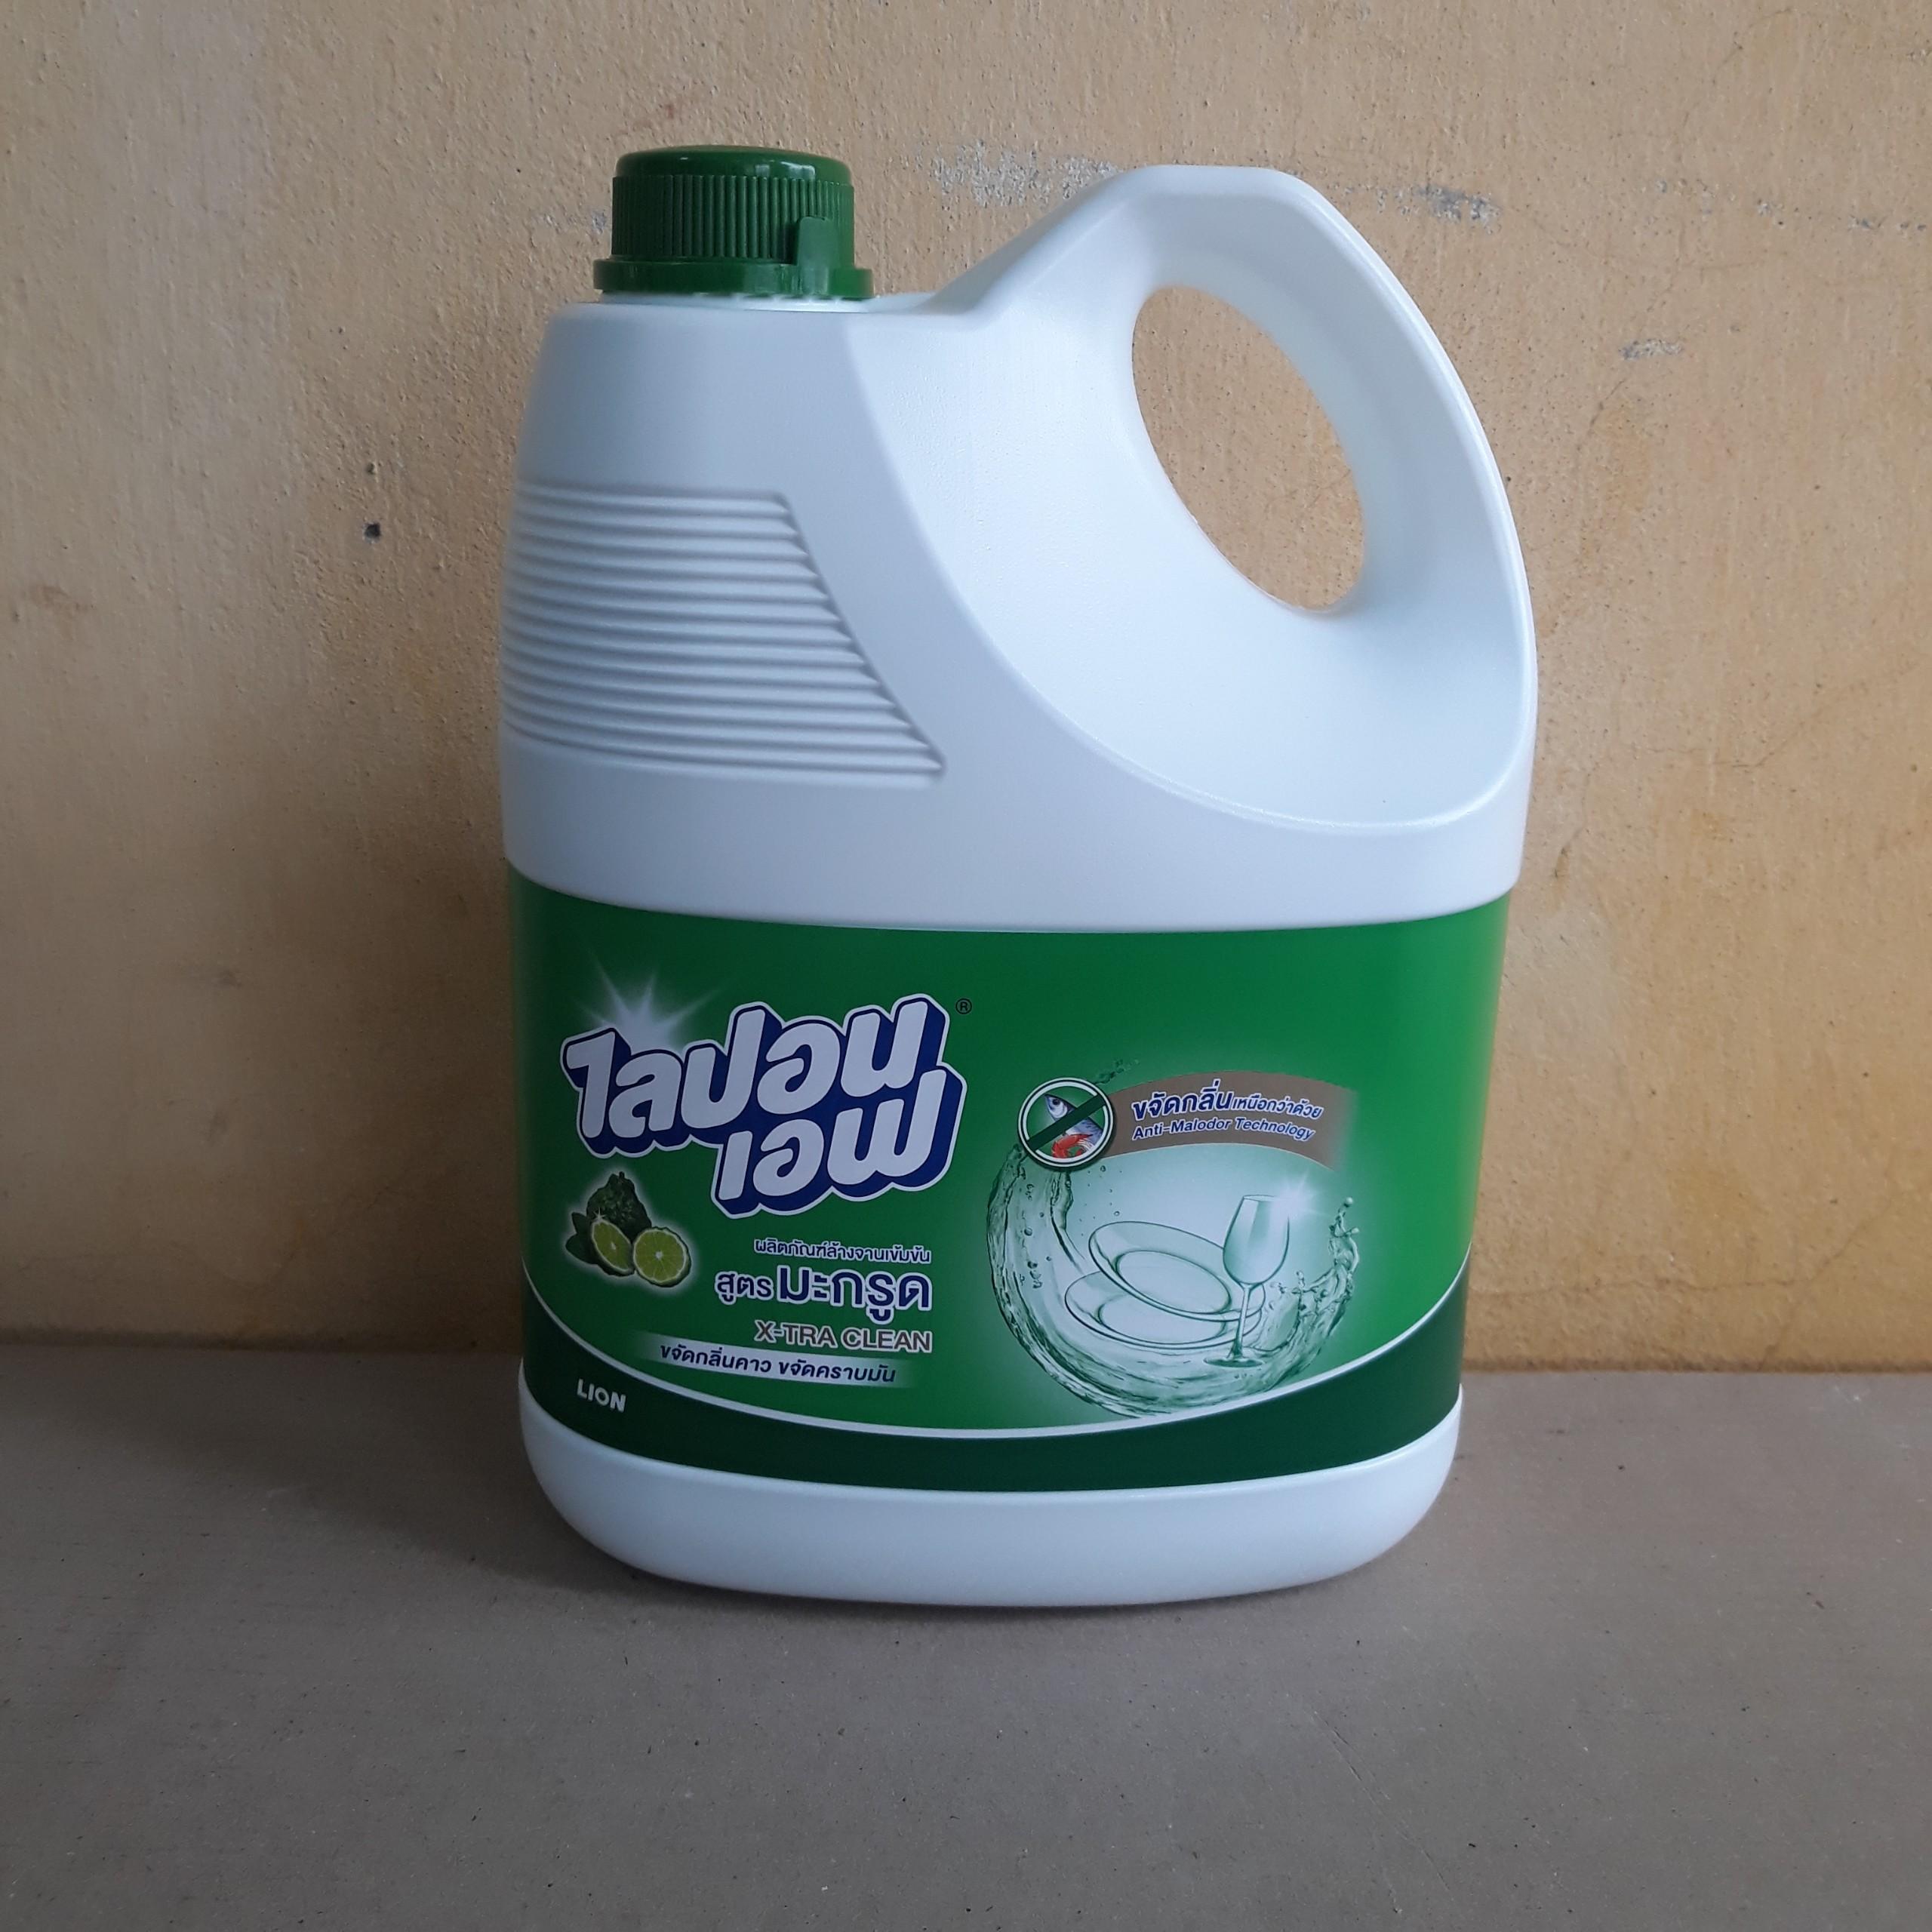 Nước rửa lý tách (hương Bergamot) 3600ml